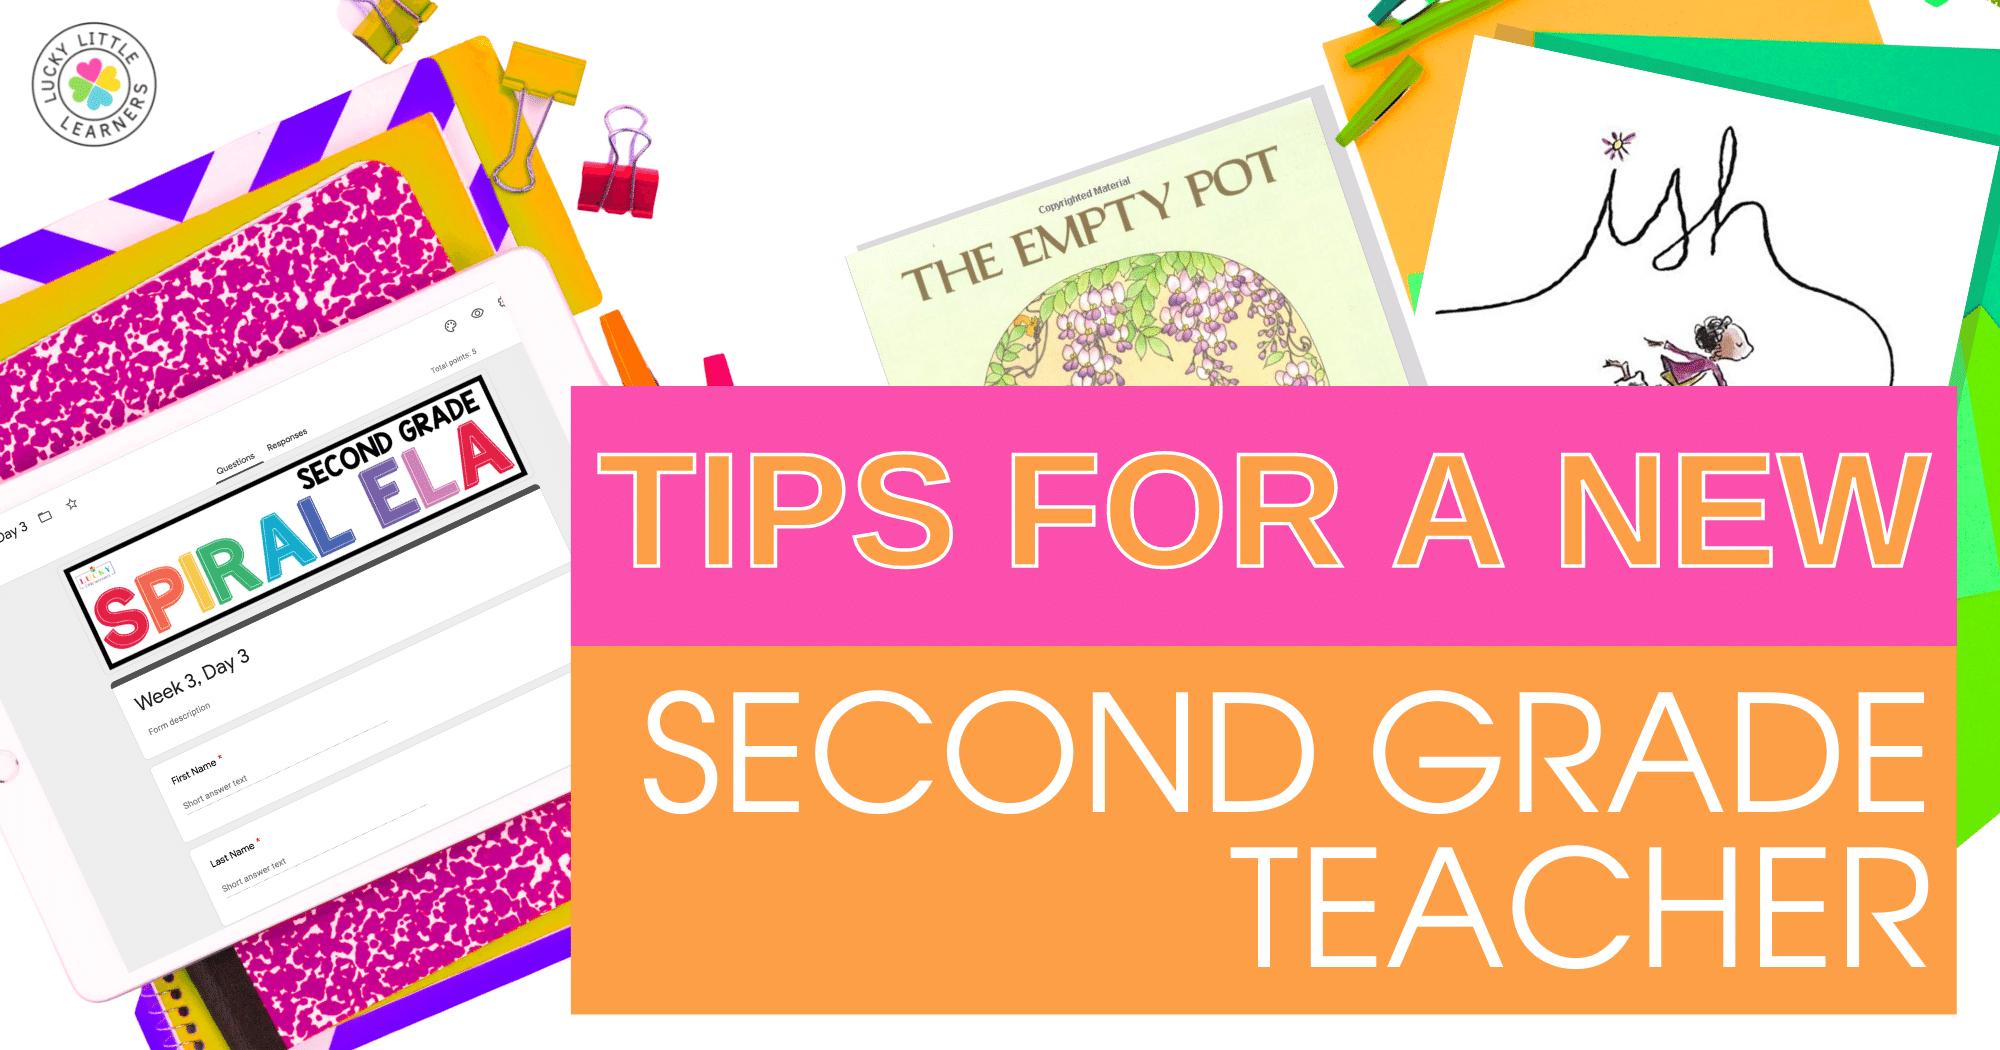 Tips For a New 2nd Grade Teacher